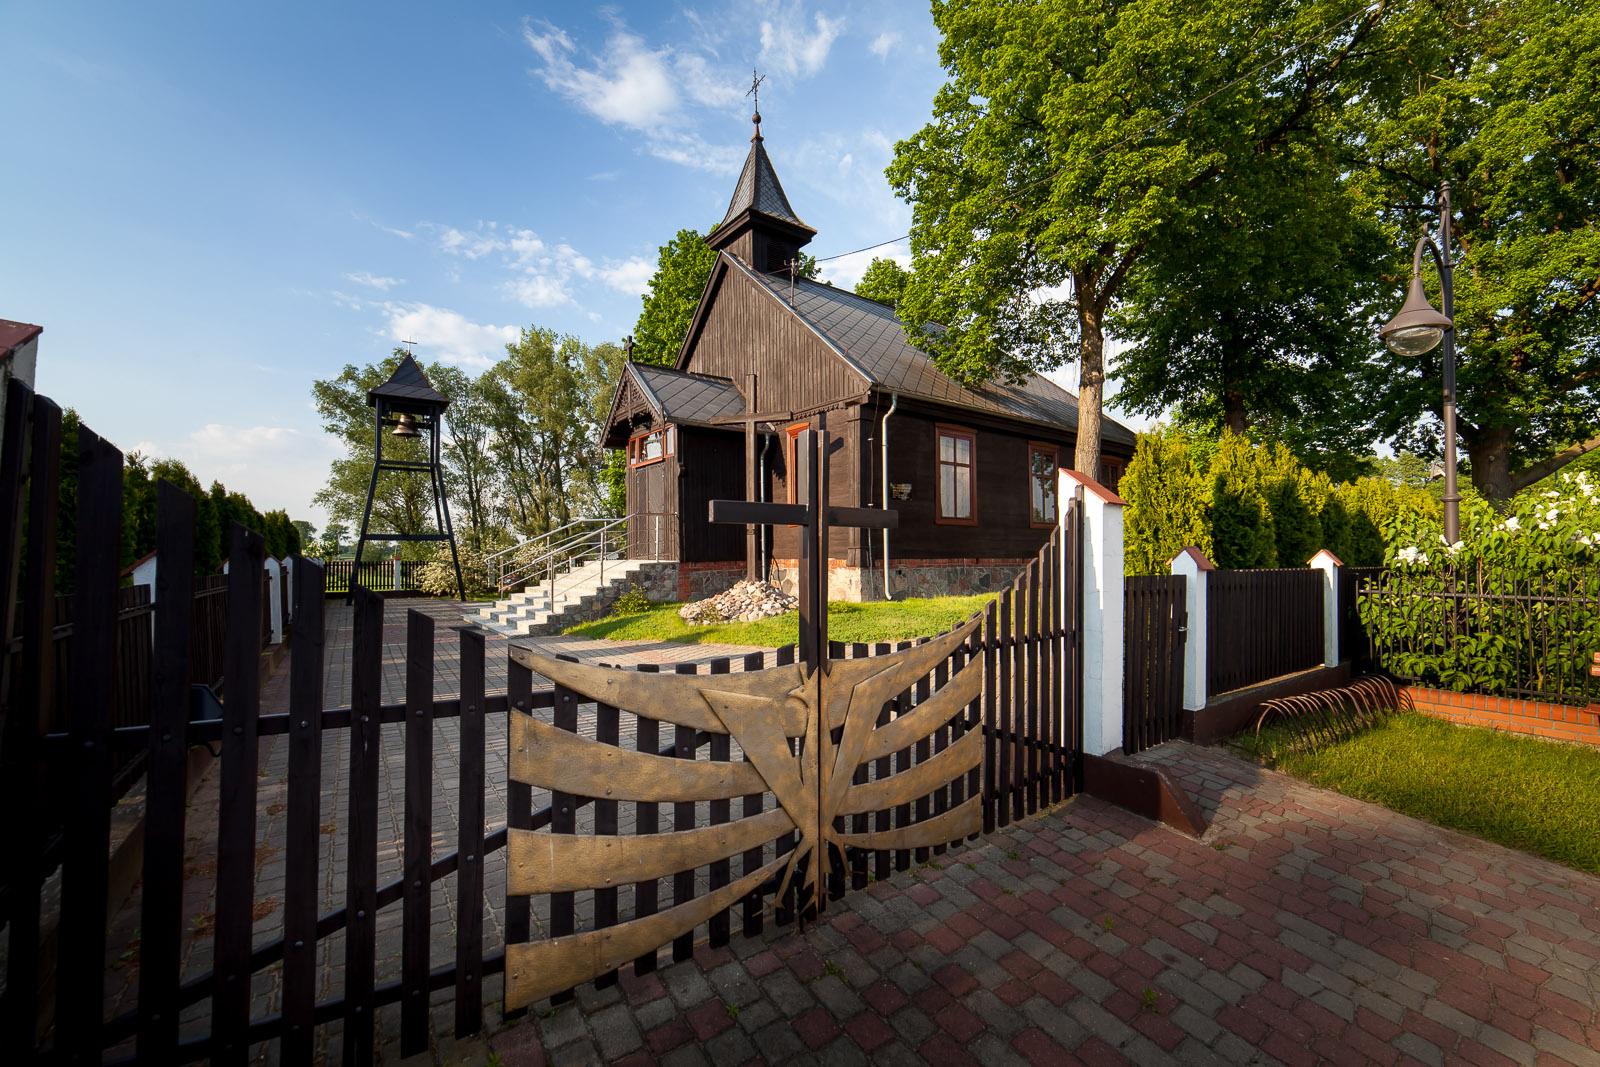 Drewniany kościół Najświętszego Serca Pana Jezusa w Małej Nieszawce – dawniej kaplica Menonitów